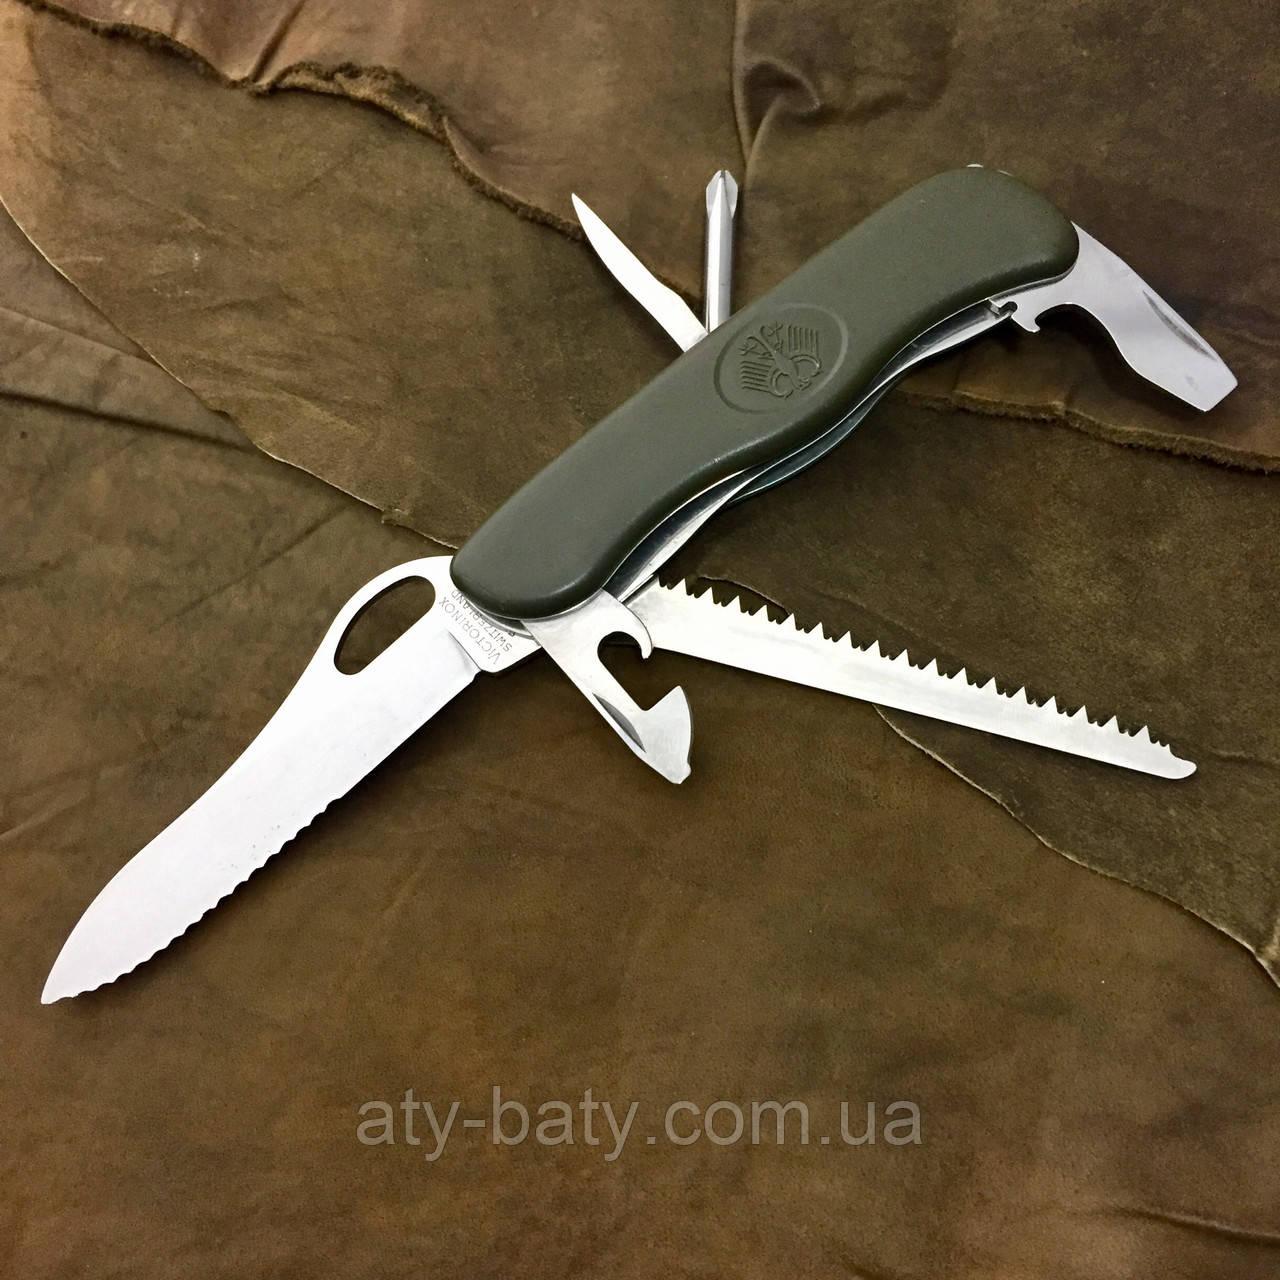 Продам нож бундесвера производства victorinox ножницы аллигаторные.н-2732